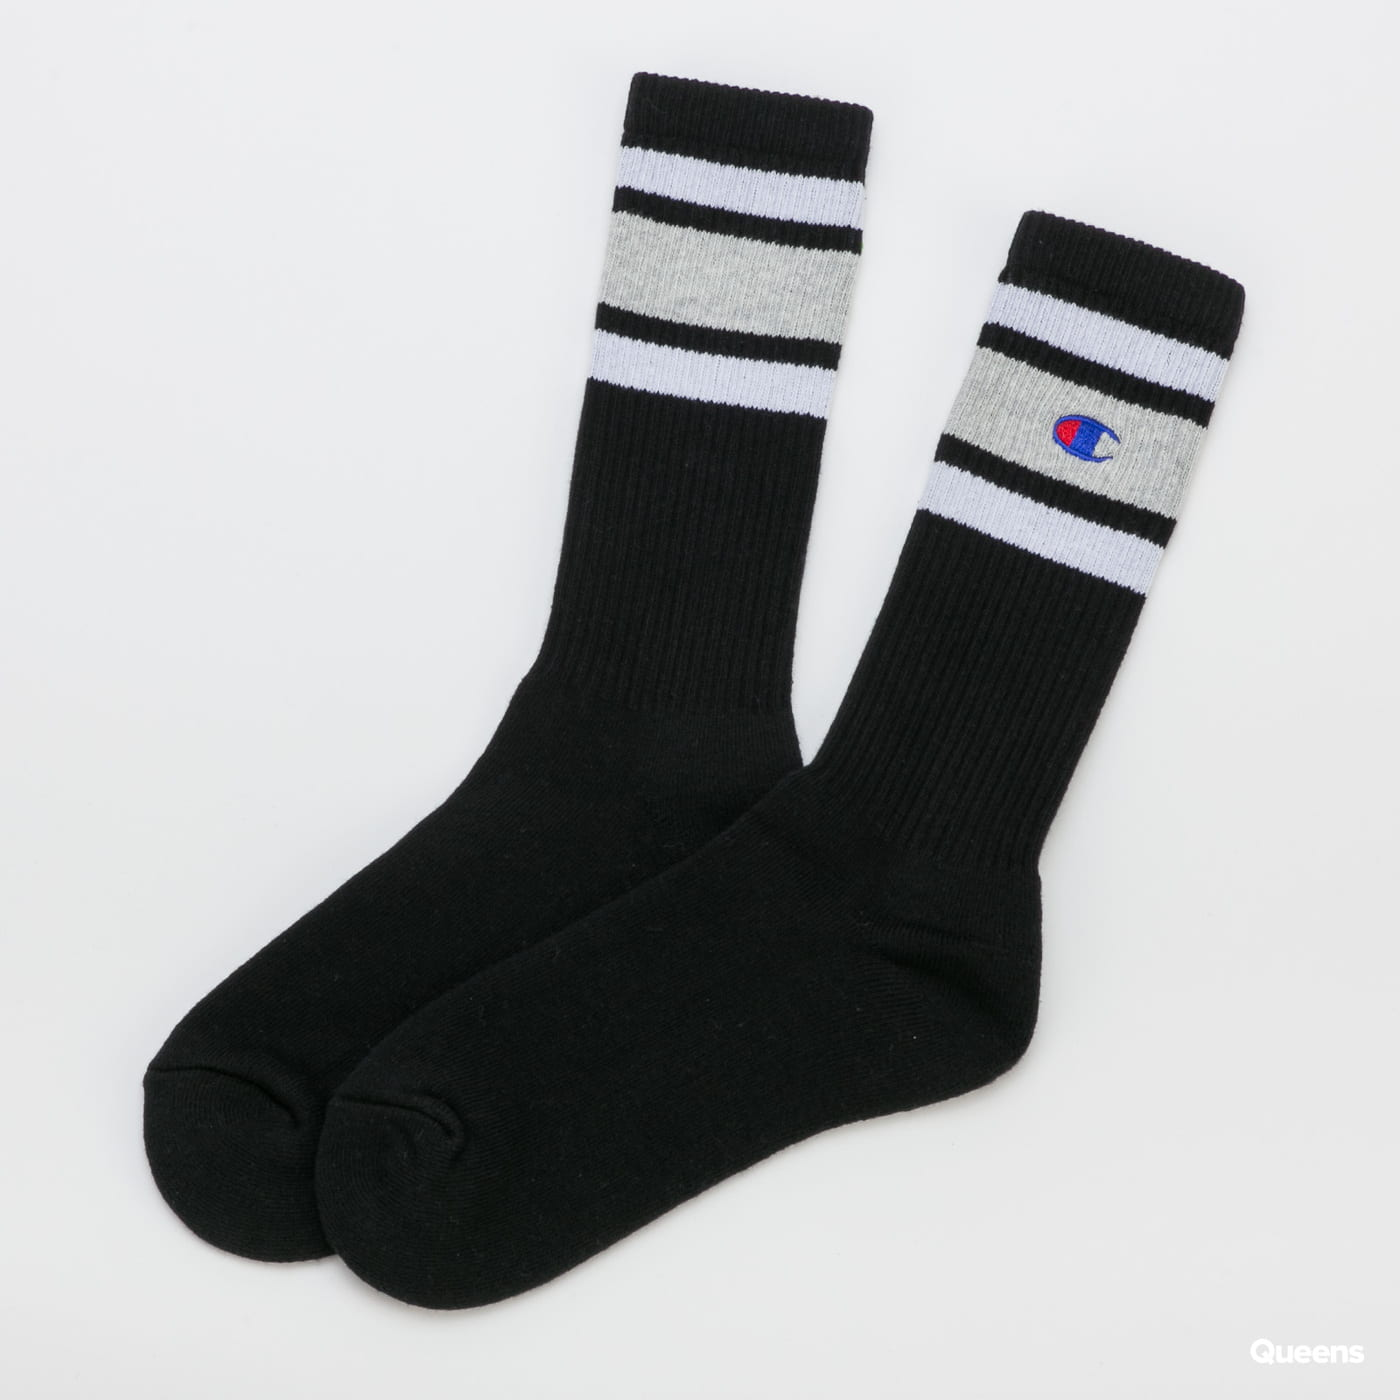 Champion Rochester Crew Sock černé / melange šedé